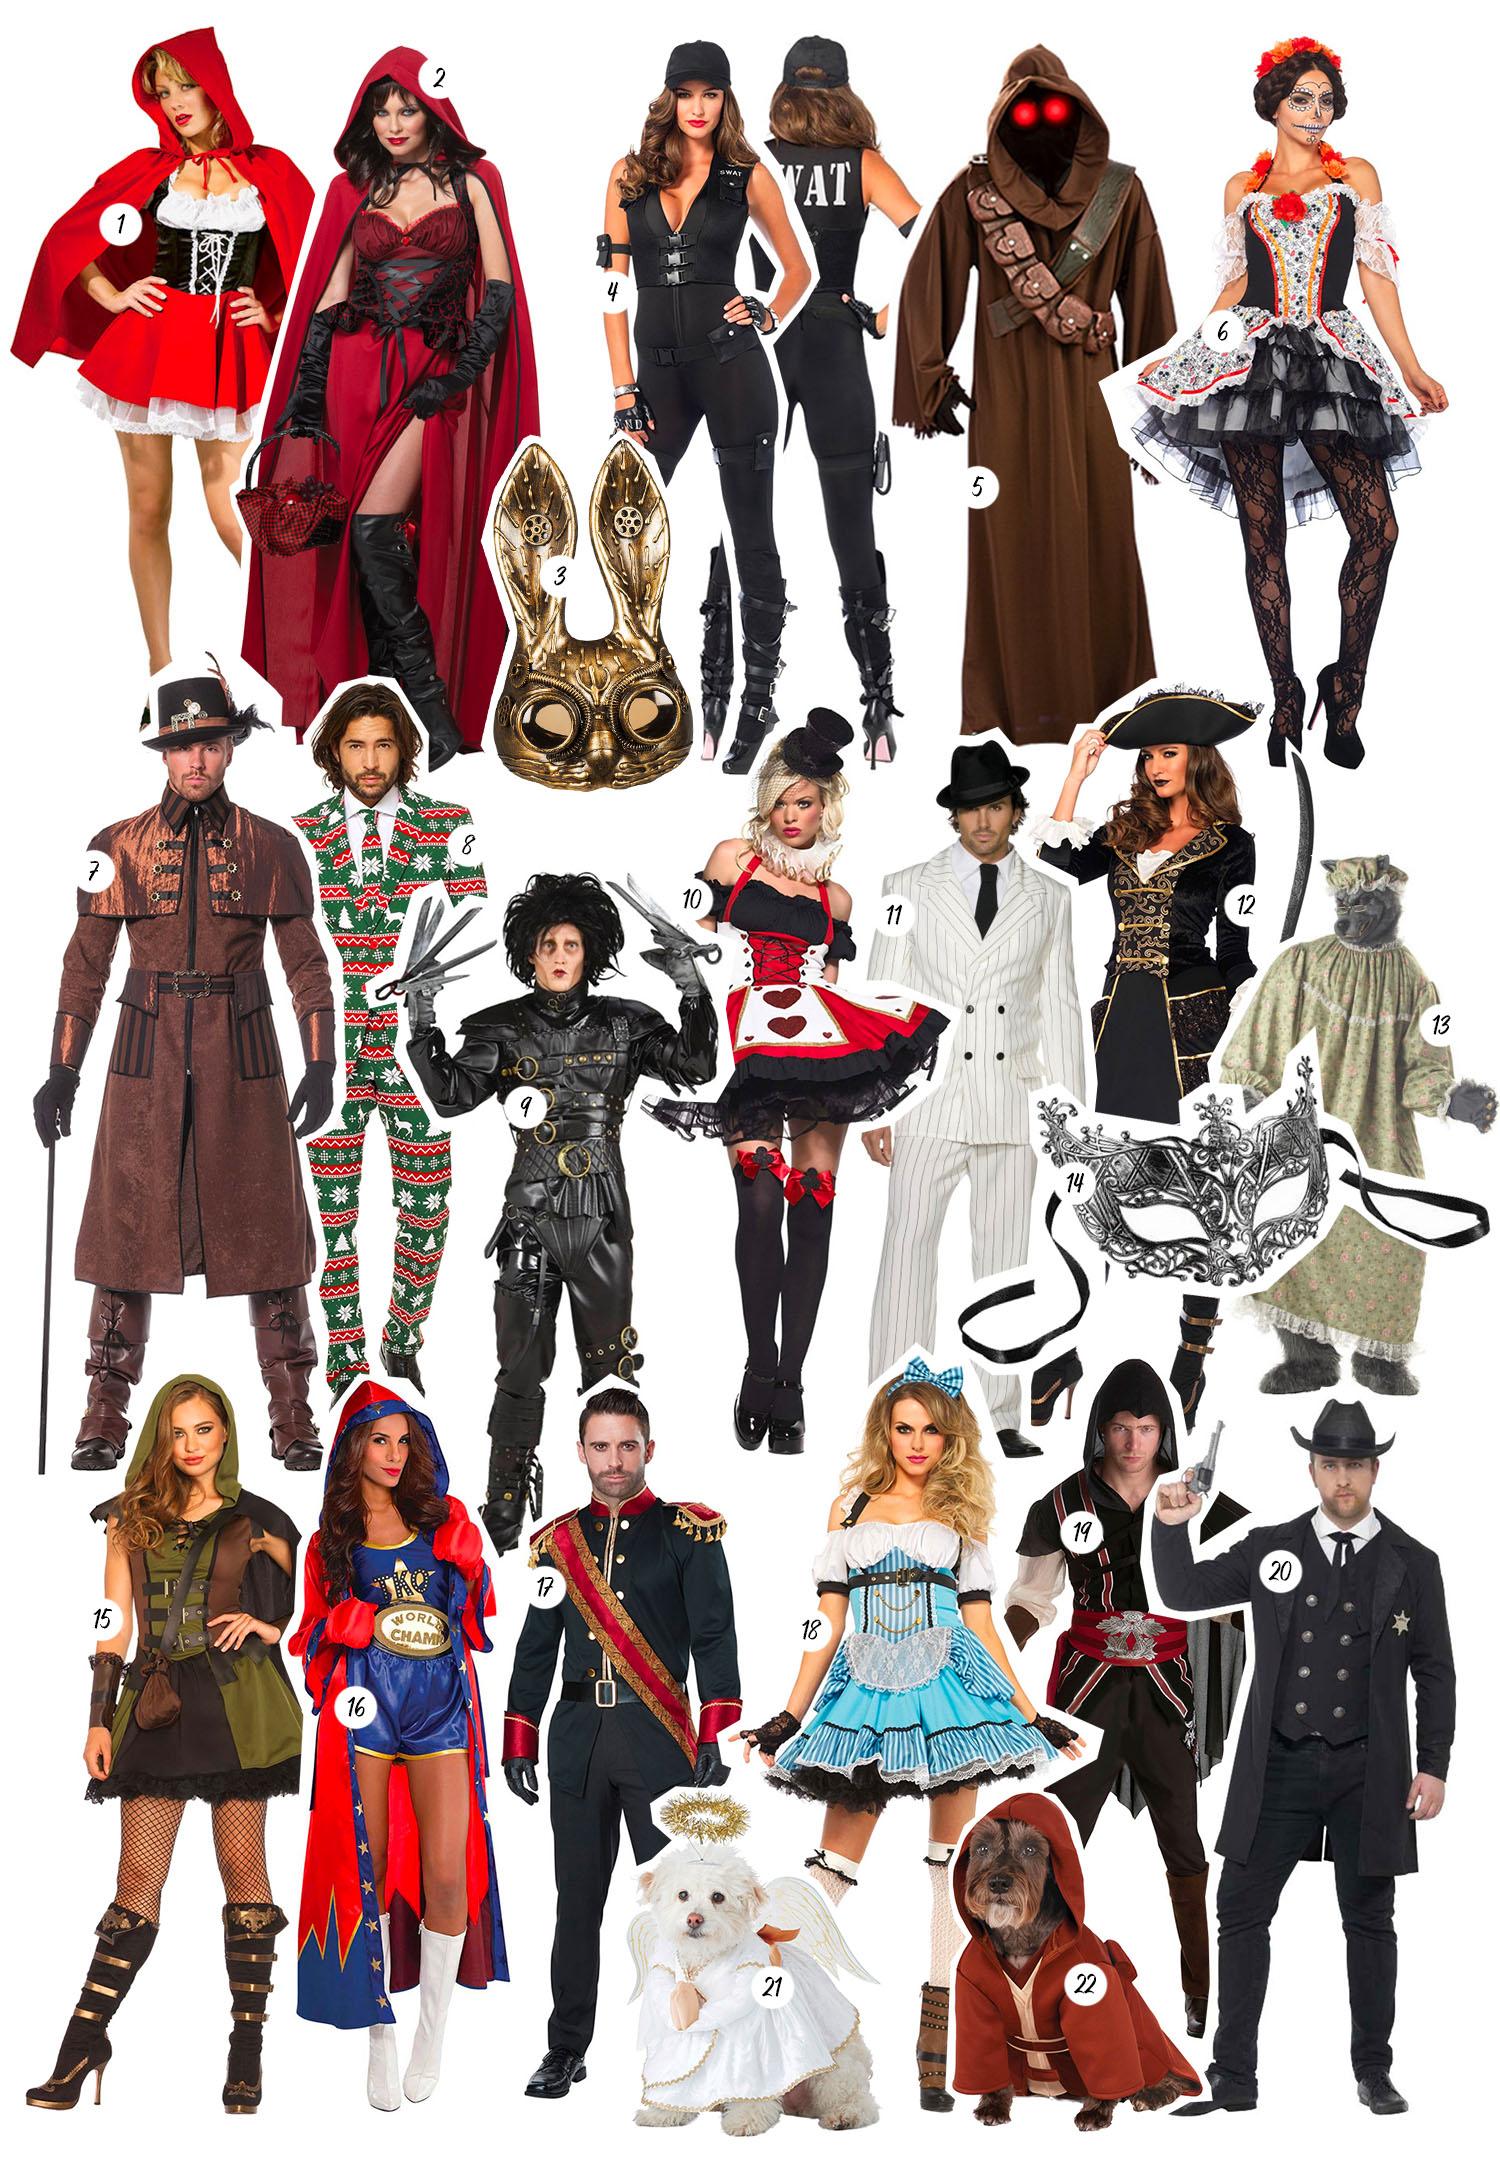 Snyggaste maskeraddräkterna till Halloween |Maskeraddräkter från Partykungen